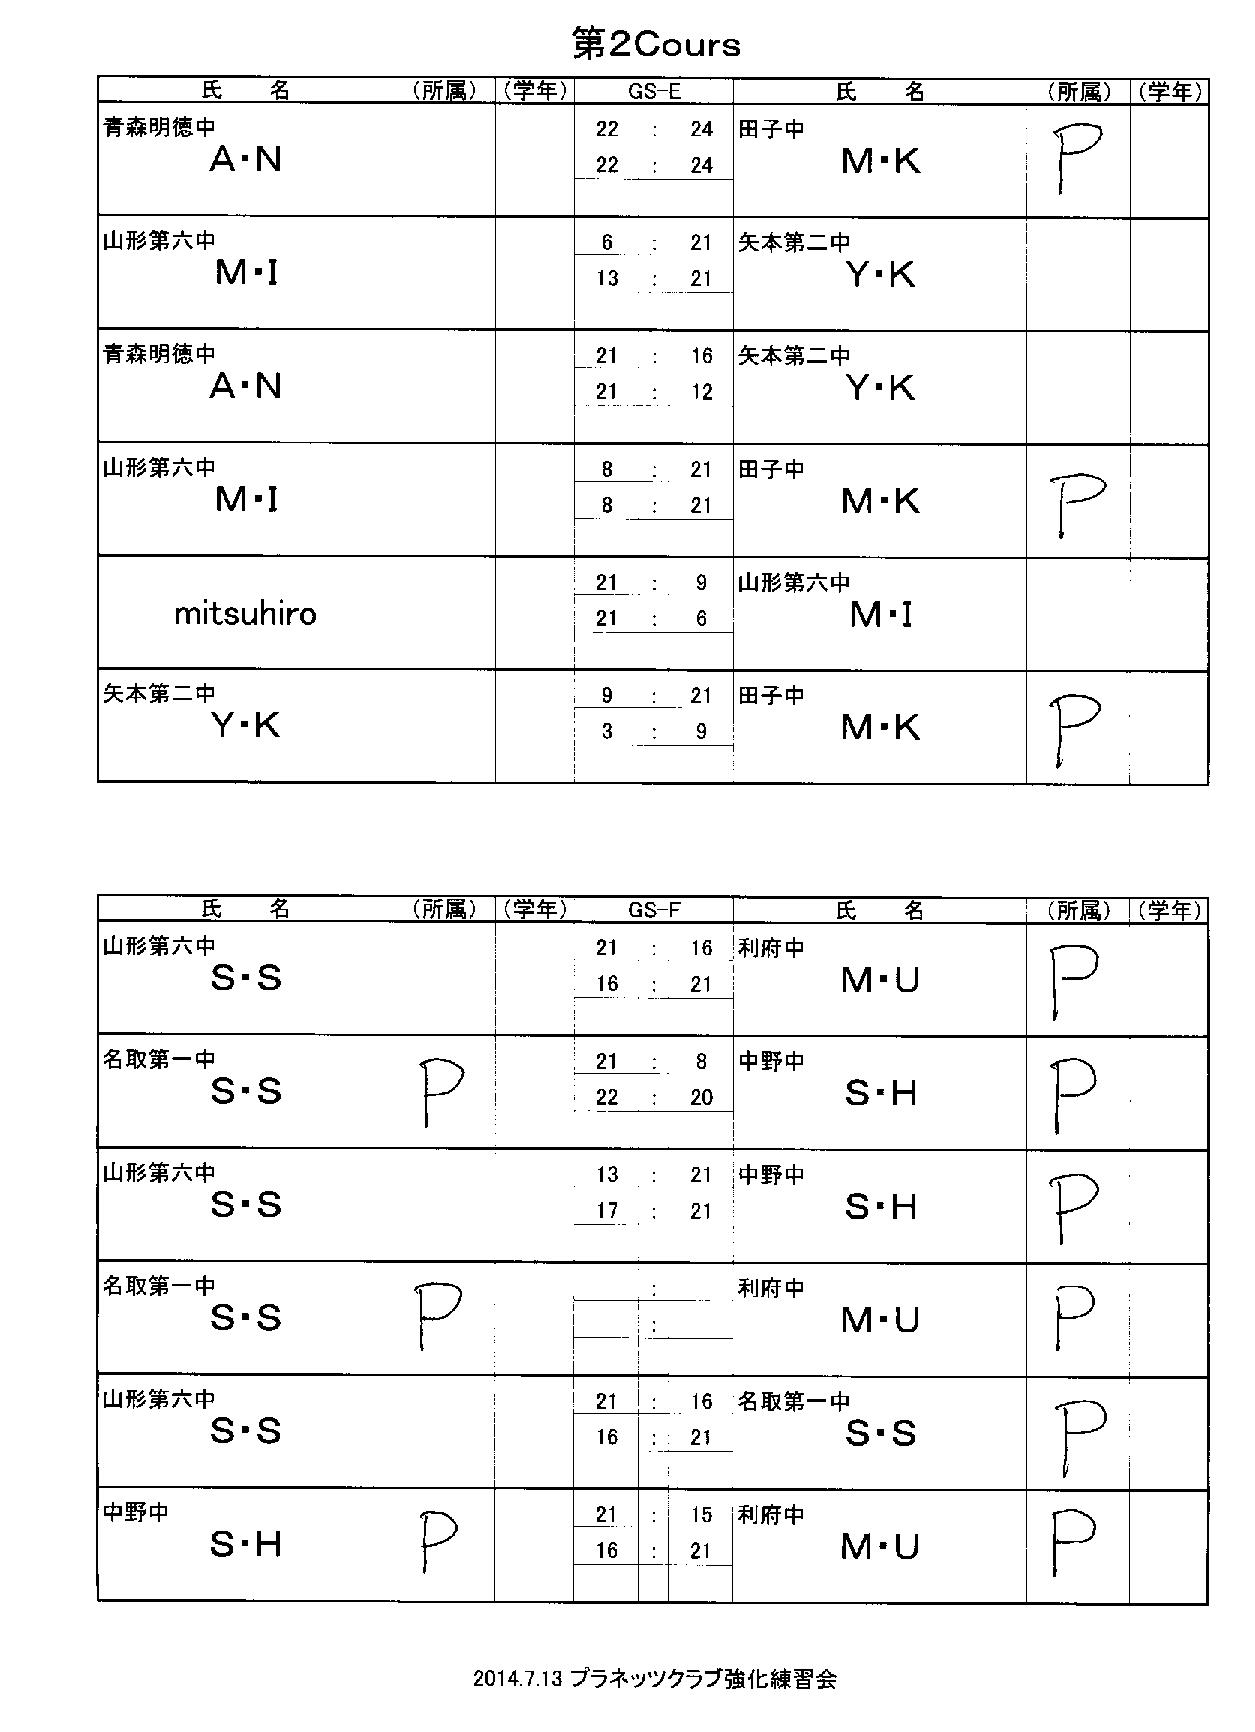 強化練習会第二クルー結果_f0236646_151506.png